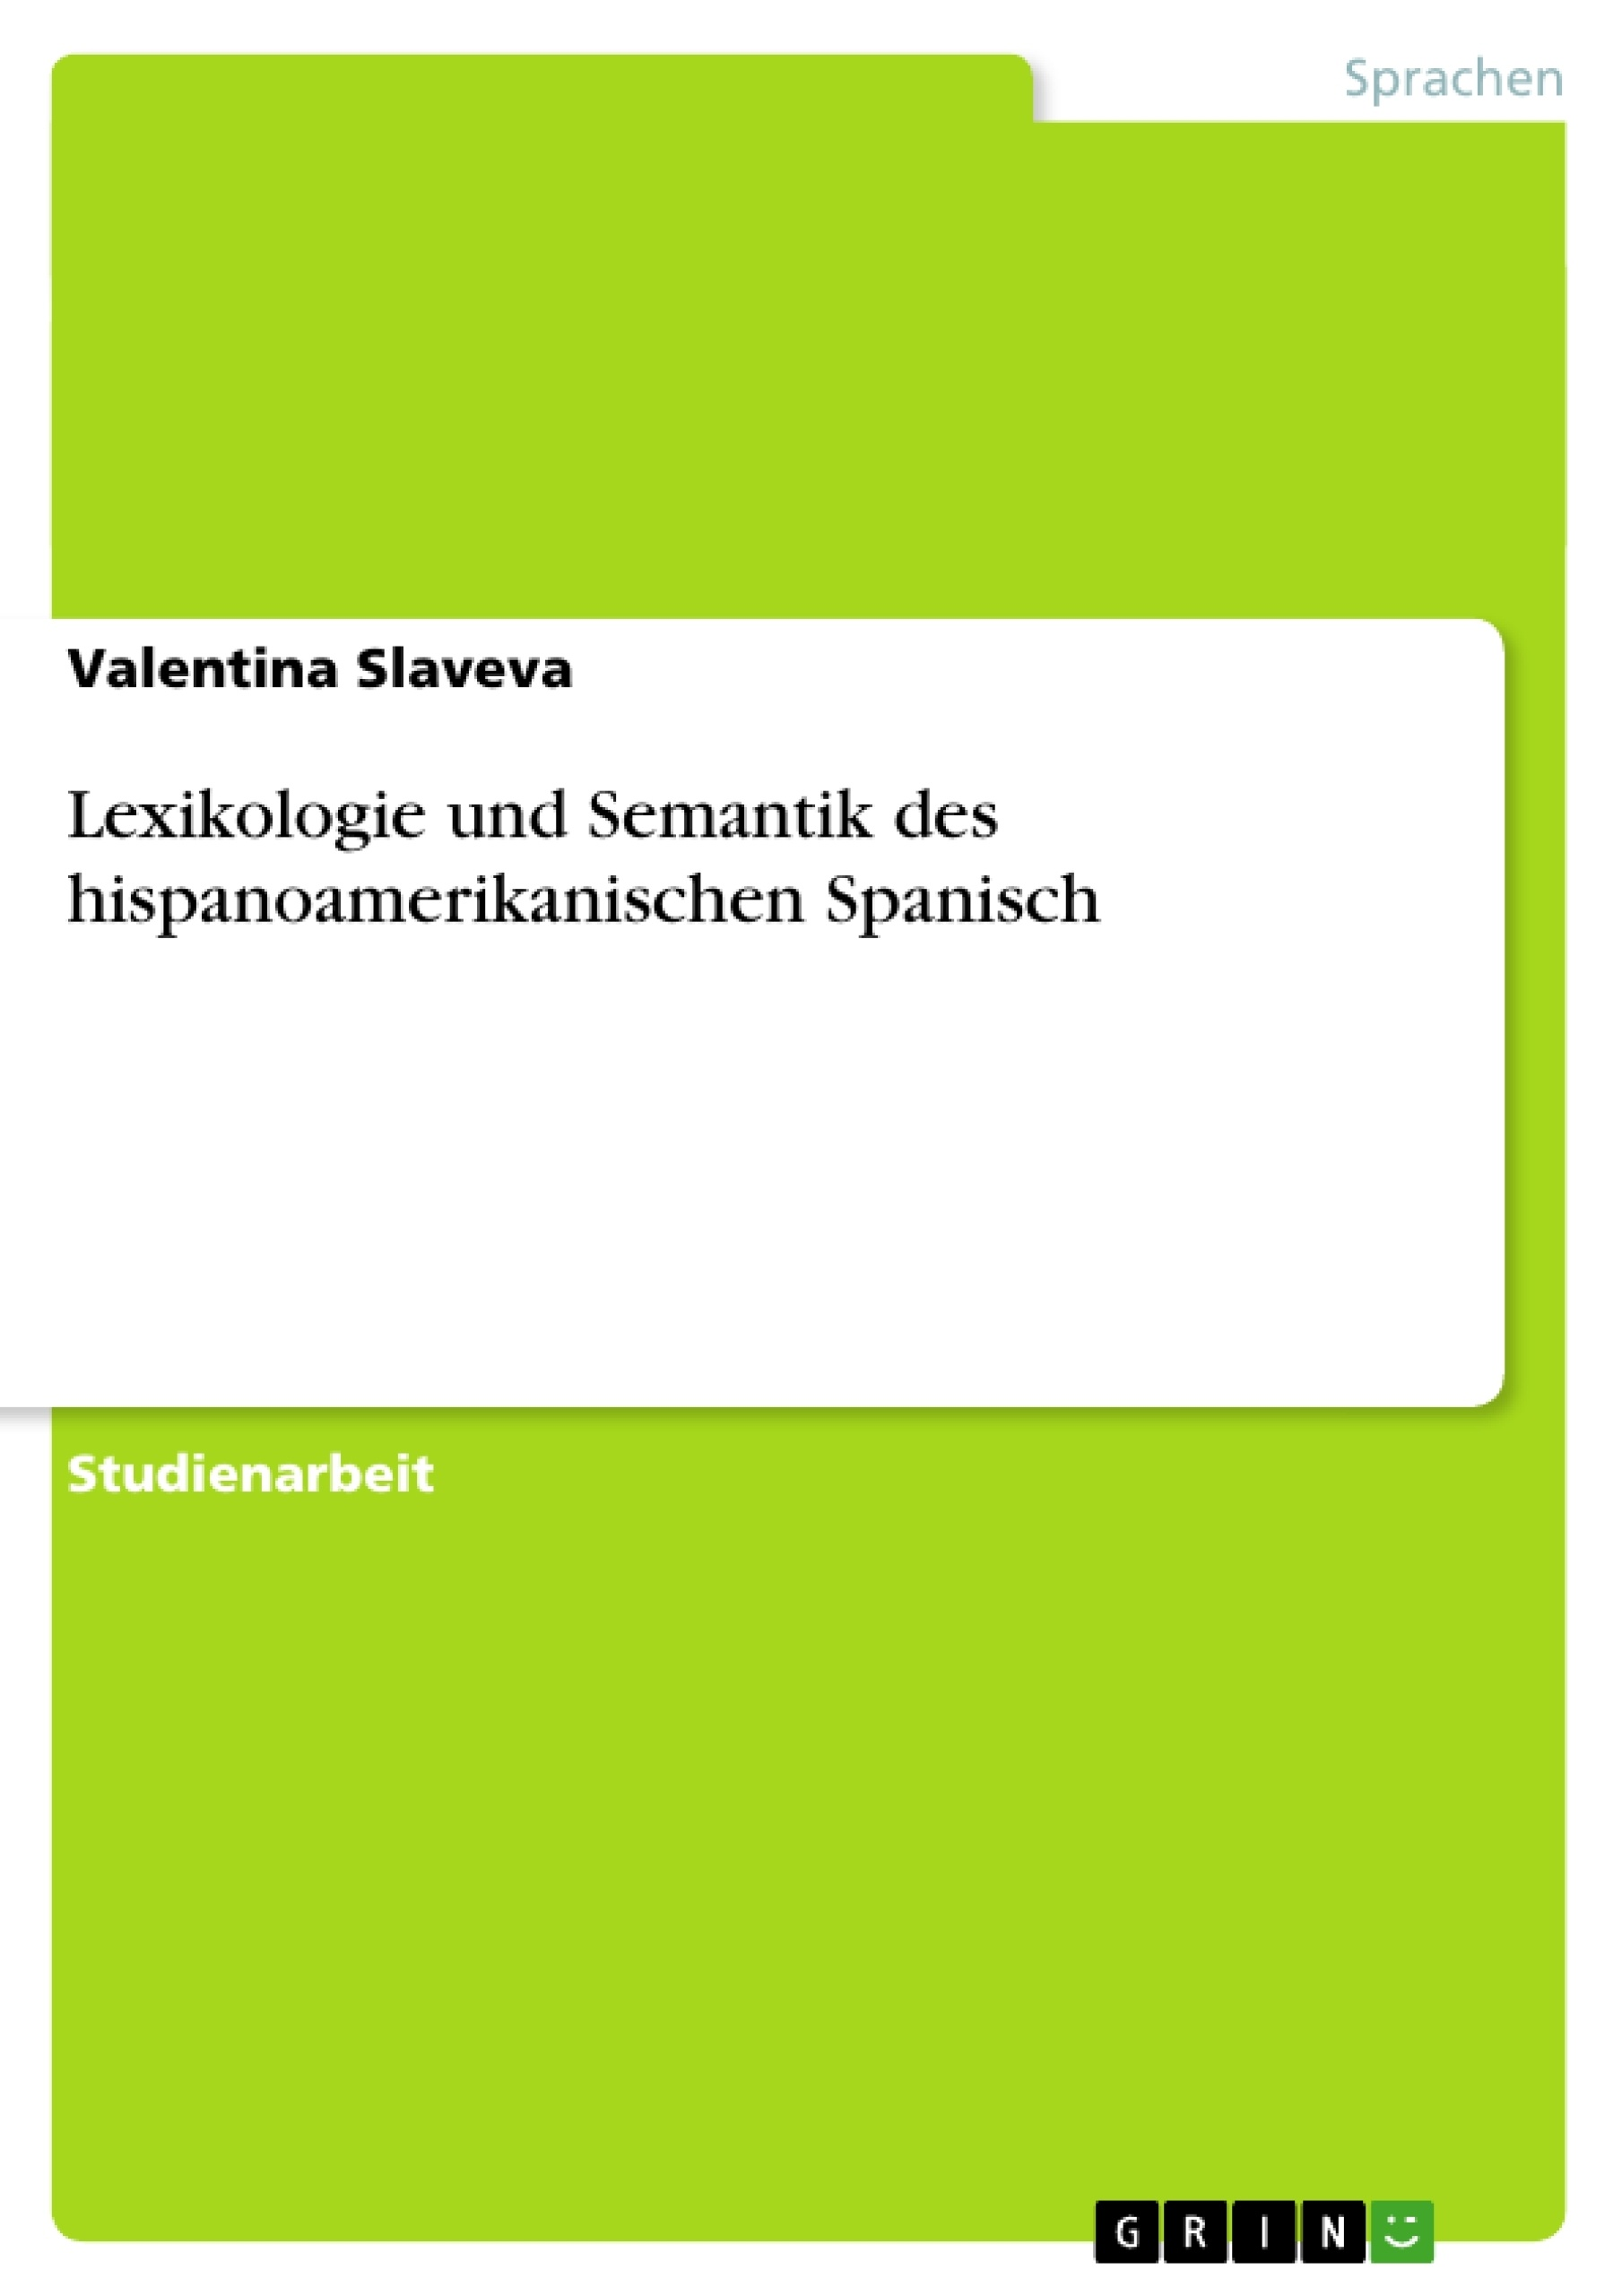 Titel: Lexikologie und Semantik des hispanoamerikanischen Spanisch